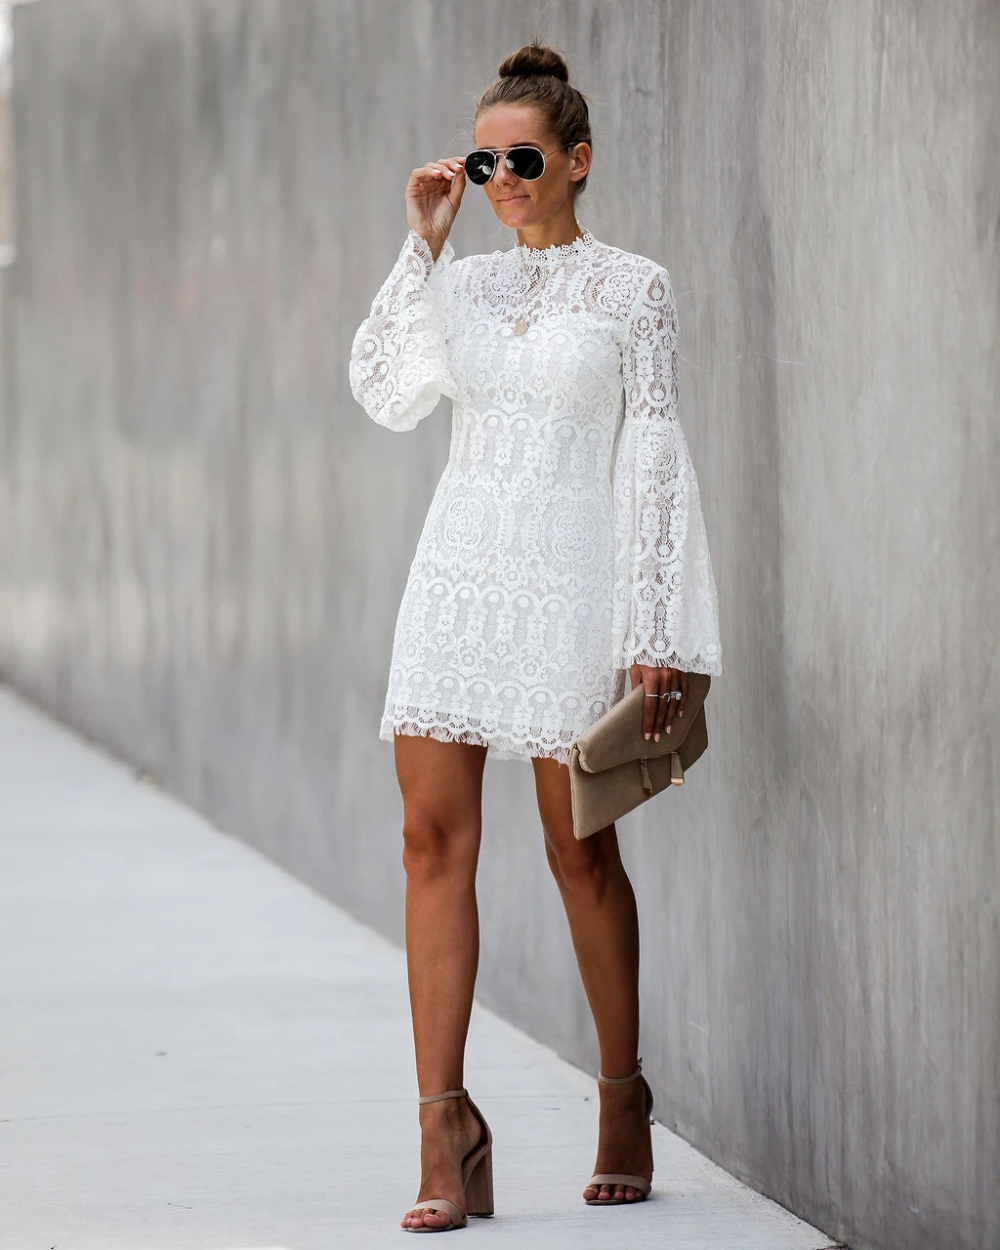 42+ Bell sleeve dress ideas